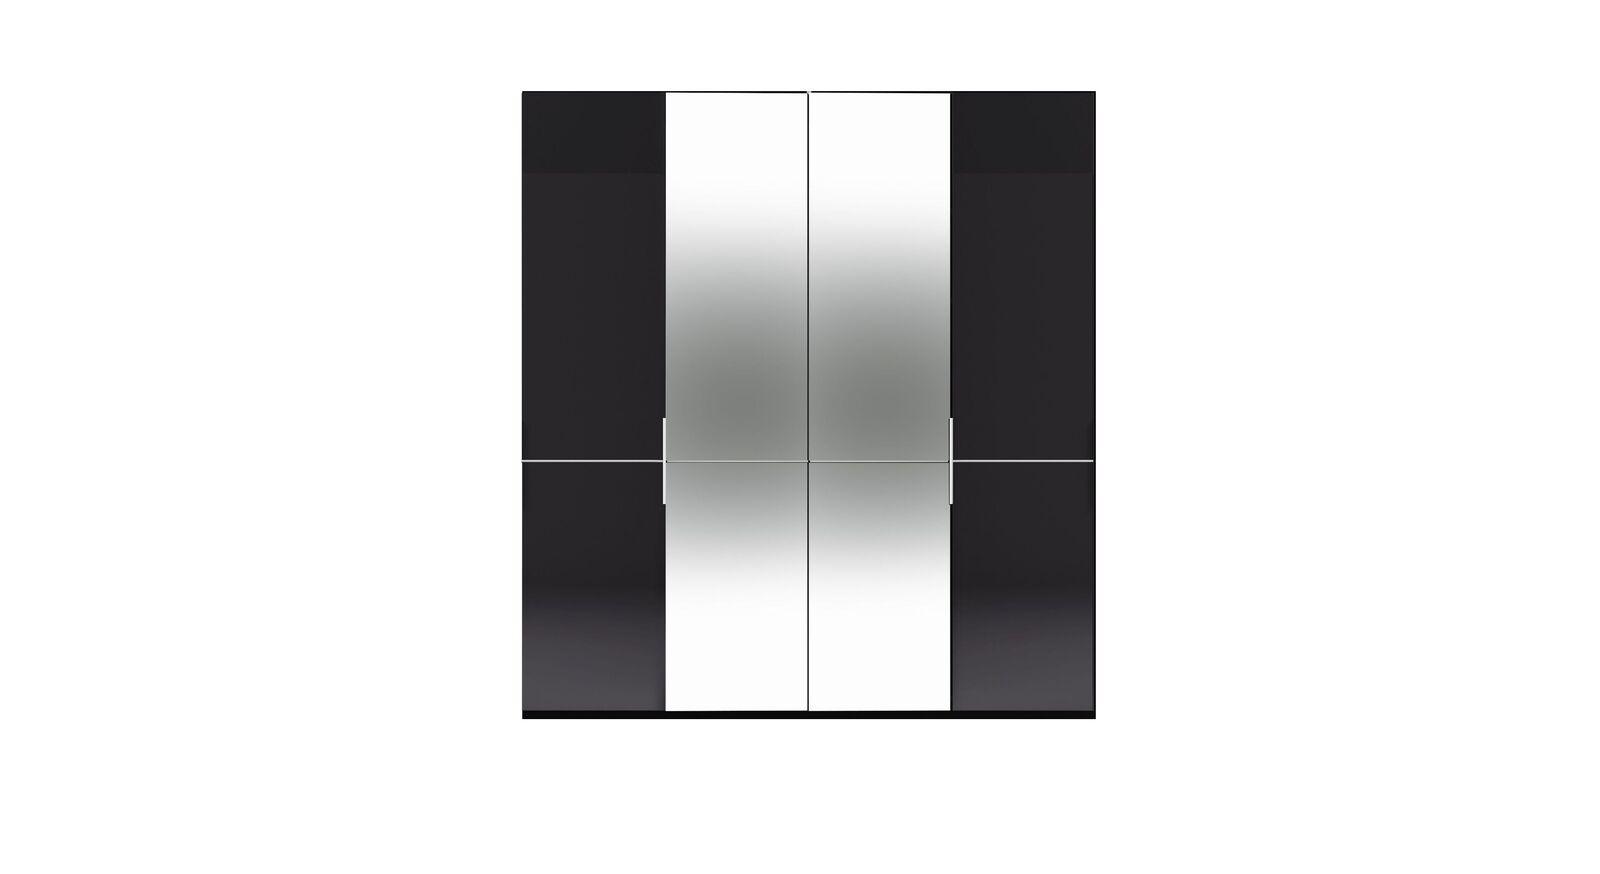 4-türiger GALLERY M Spiegel-Drehtüren-Kleiderschrank IMOLA W Graphit ohne Spiegel